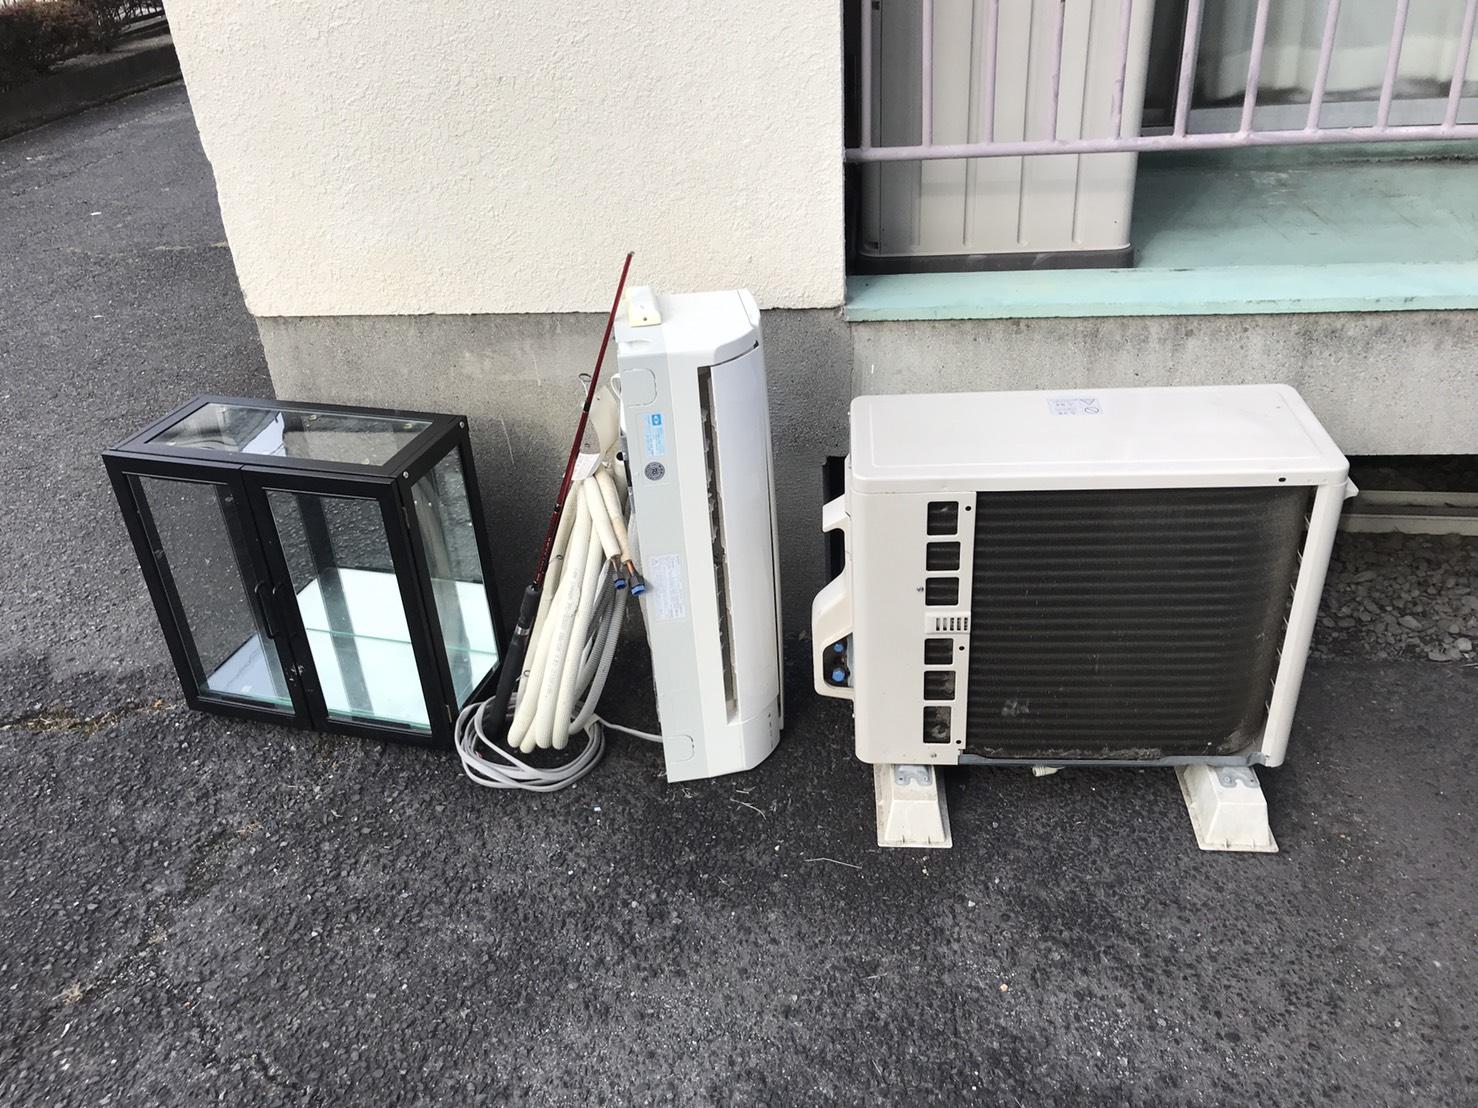 コレクションケース、エアコン、室外機の回収前